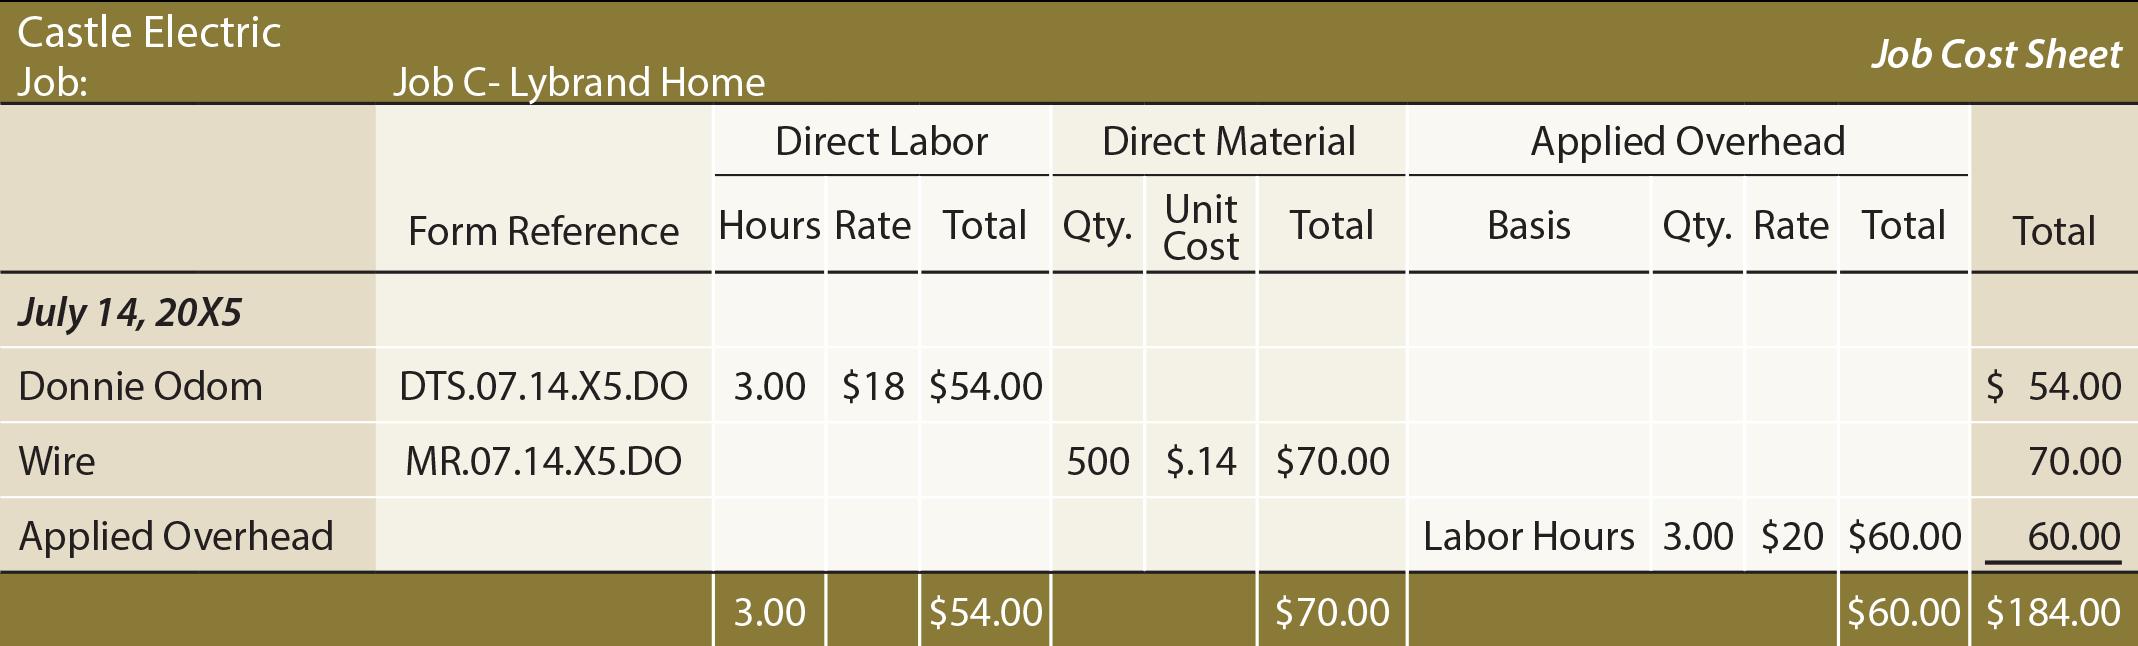 Job Costing Concepts - principlesofaccounting com